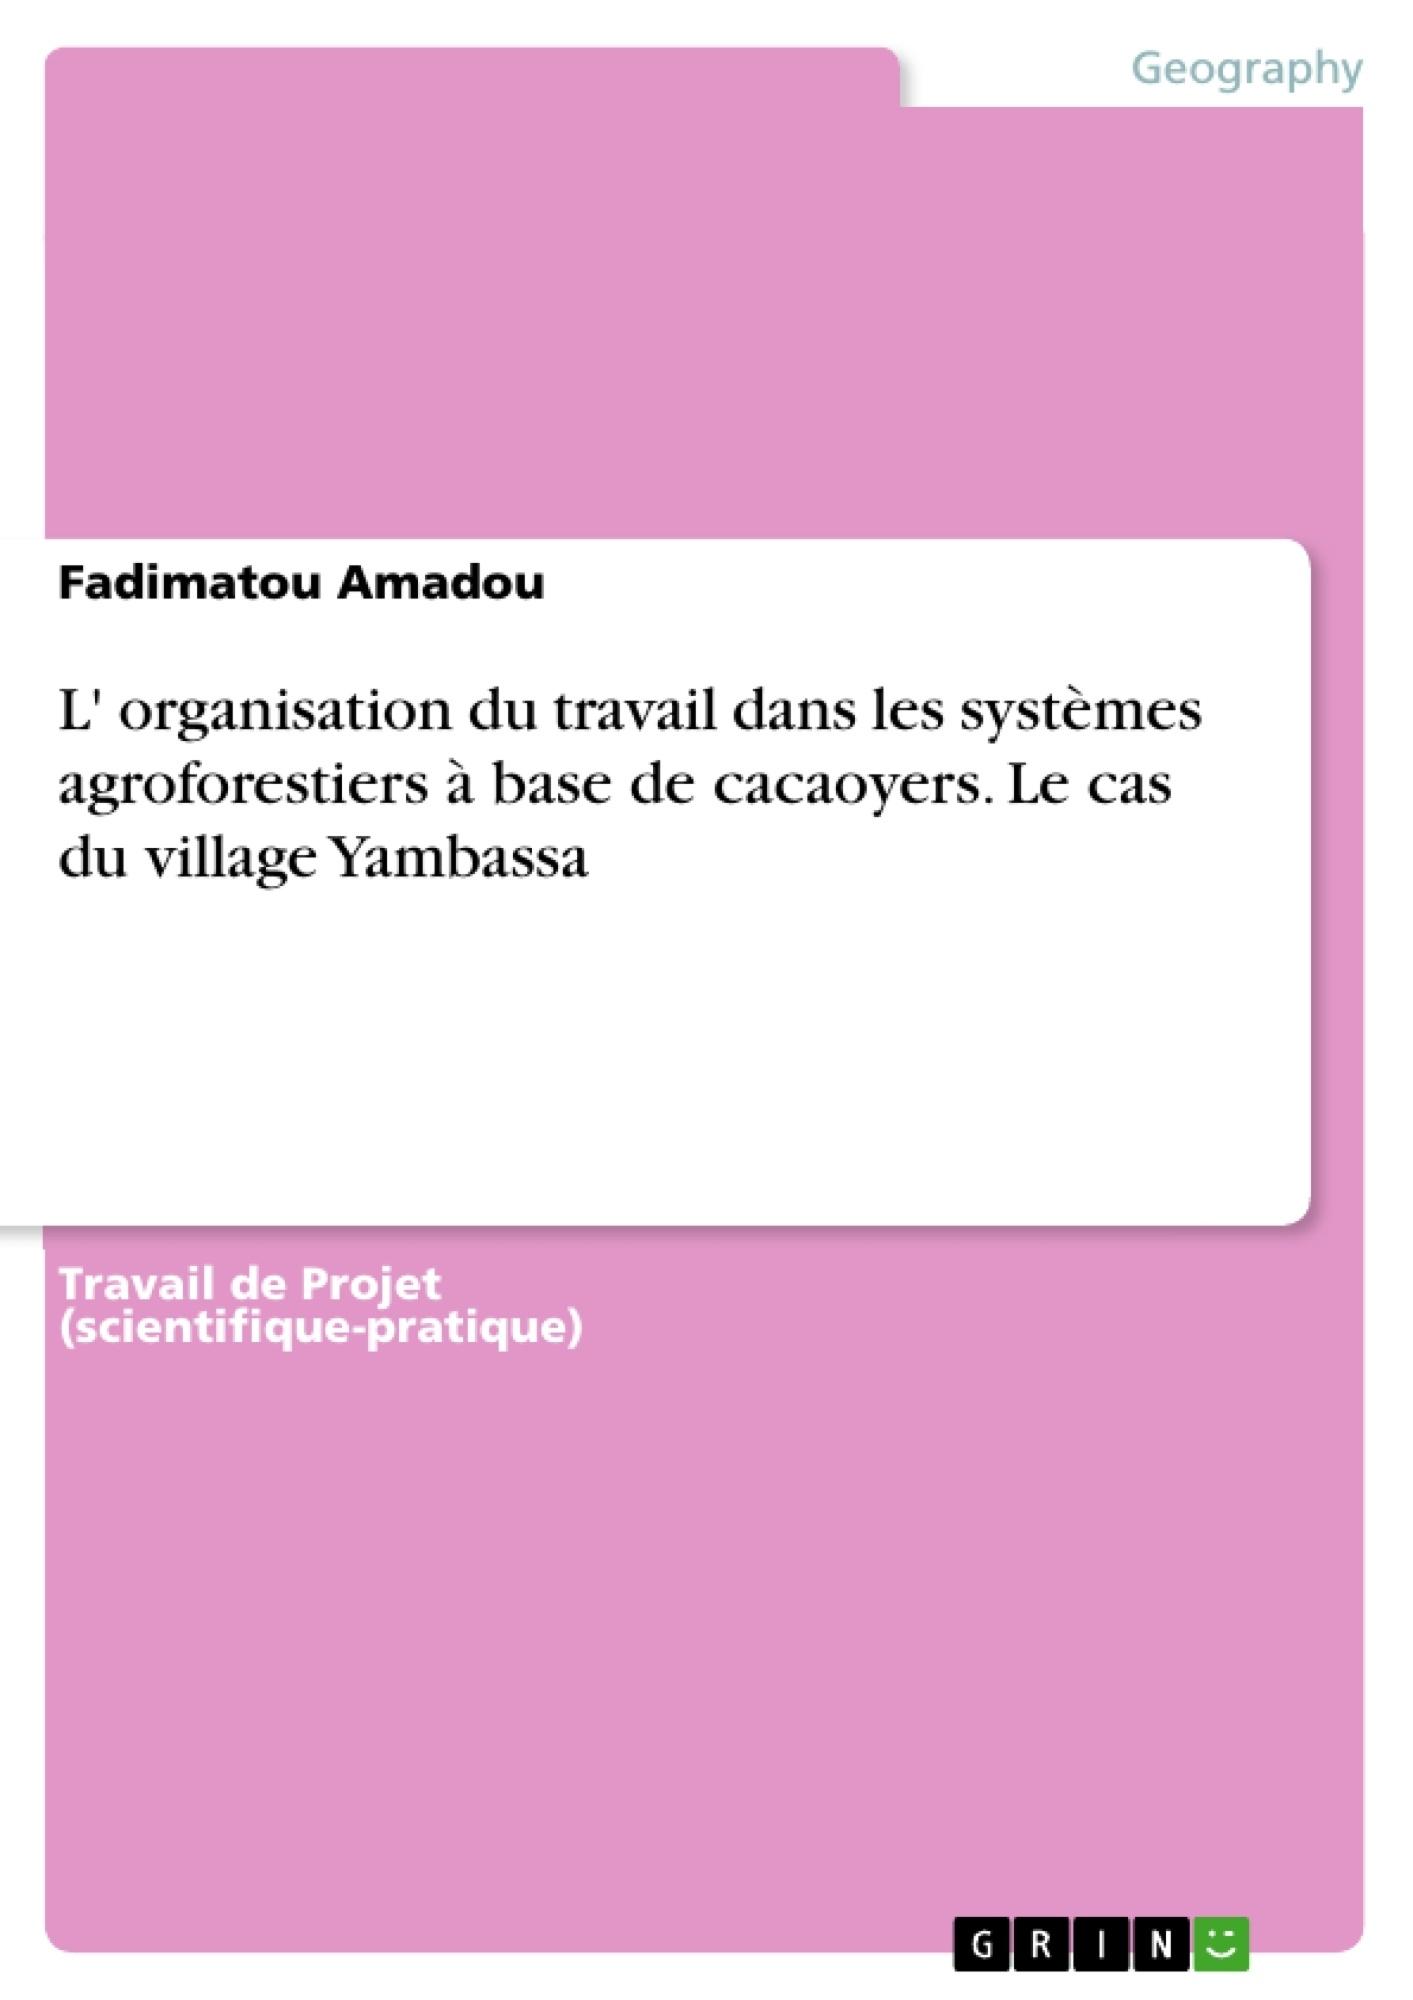 Titre: L' organisation du travail dans les systèmes agroforestiers à base de cacaoyers. Le cas du village Yambassa